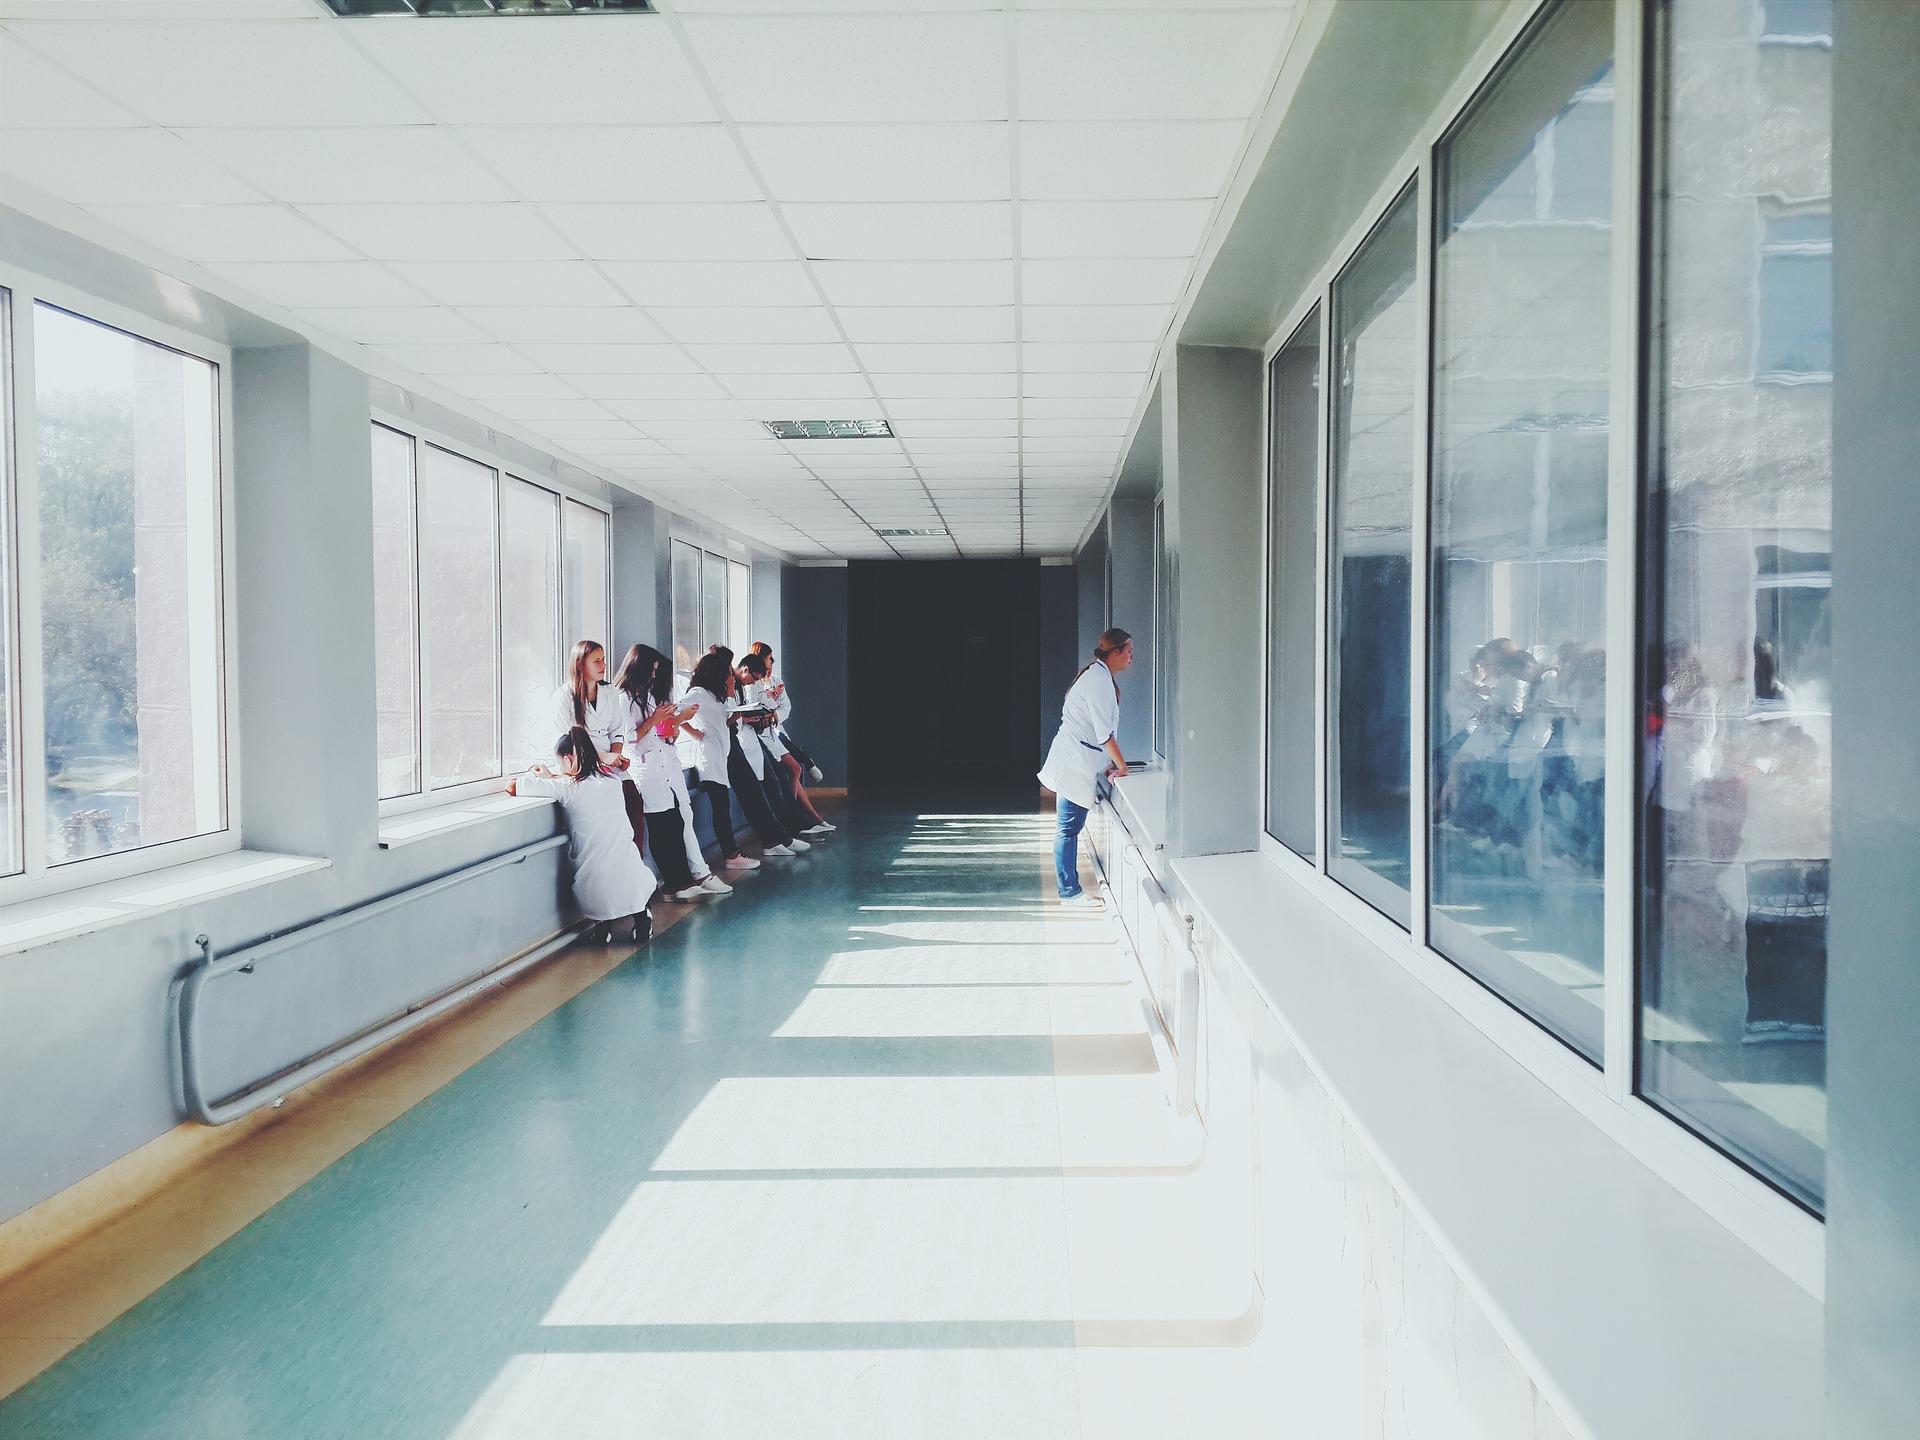 Bir Vaka Analizi: Hastanelere Hizmet Veren Taşeron Yemek Şirketlerinde İş Sağlığı ve Güvenliği